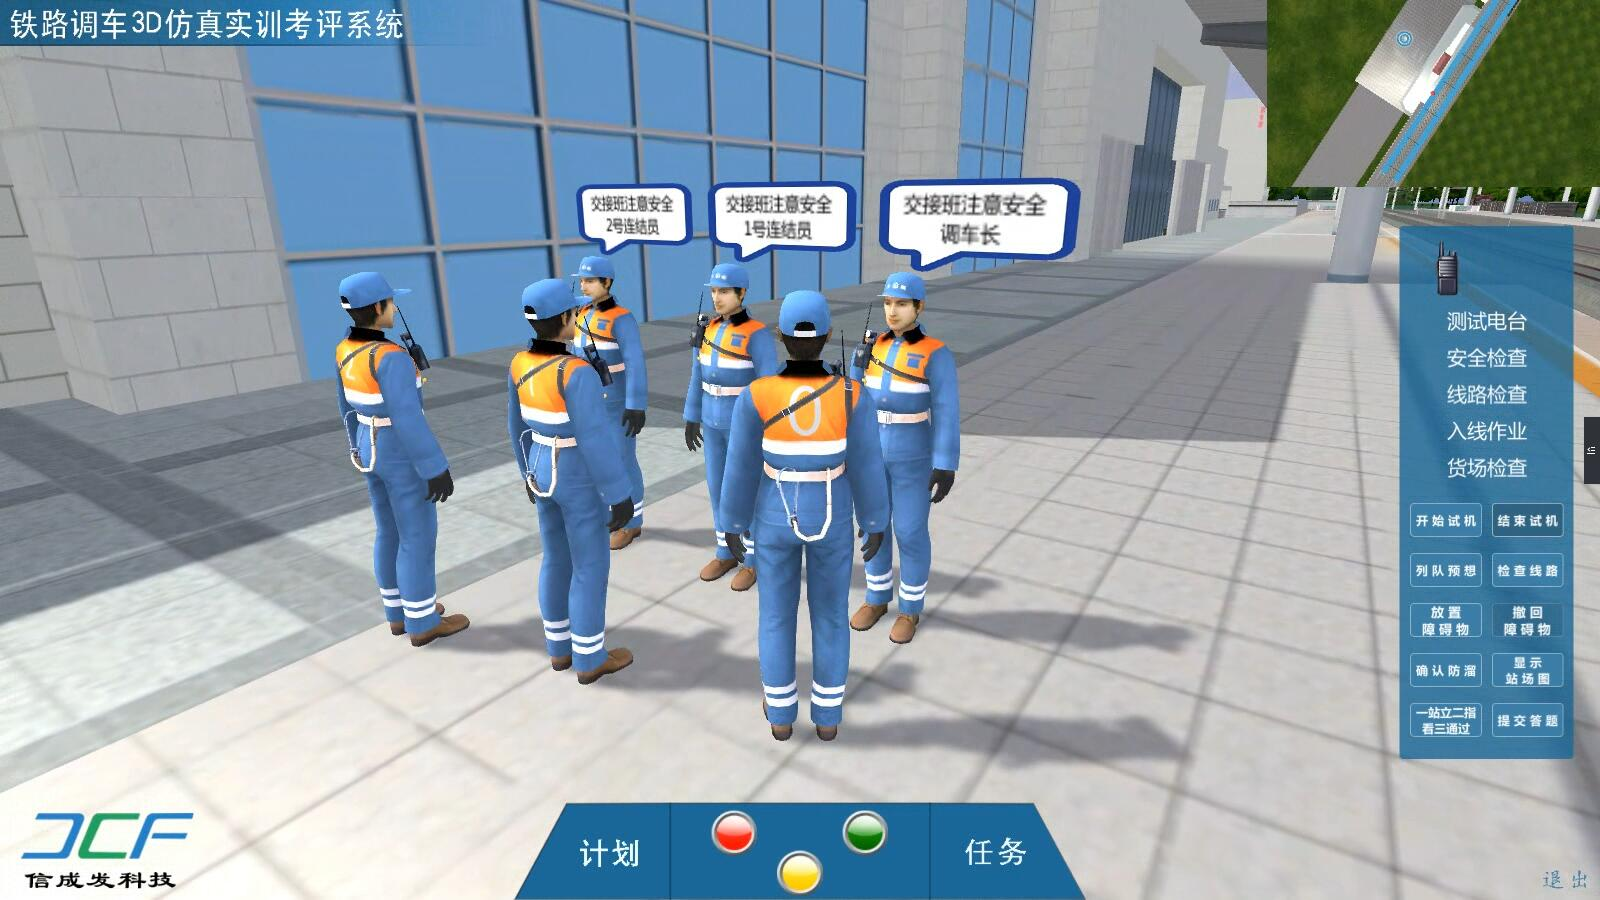 铁路调车3D仿真实训考评系统-列队预想